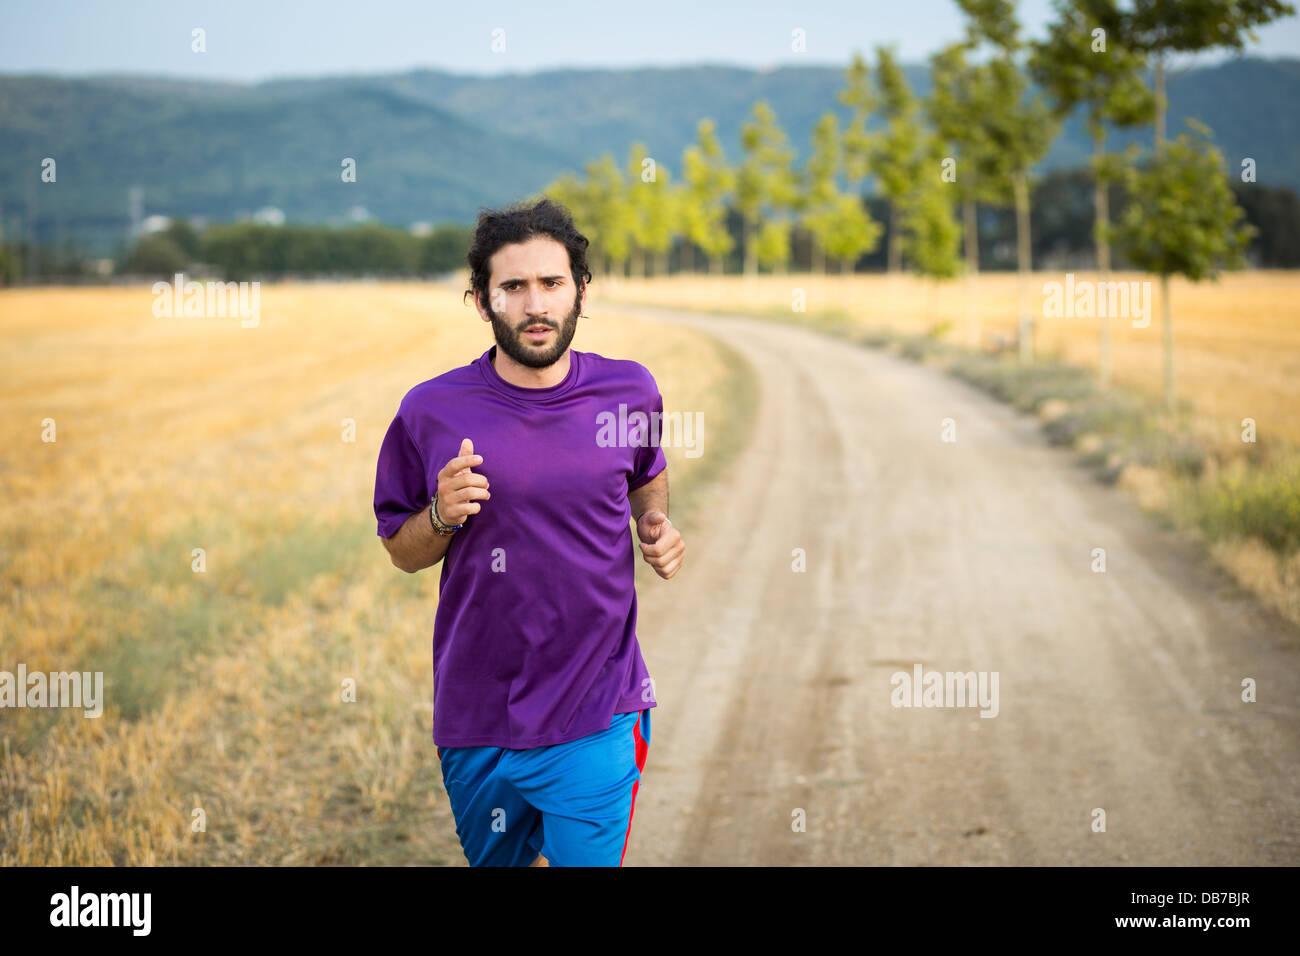 Jeune homme athlétique s'exécutant dans la nature Photo Stock